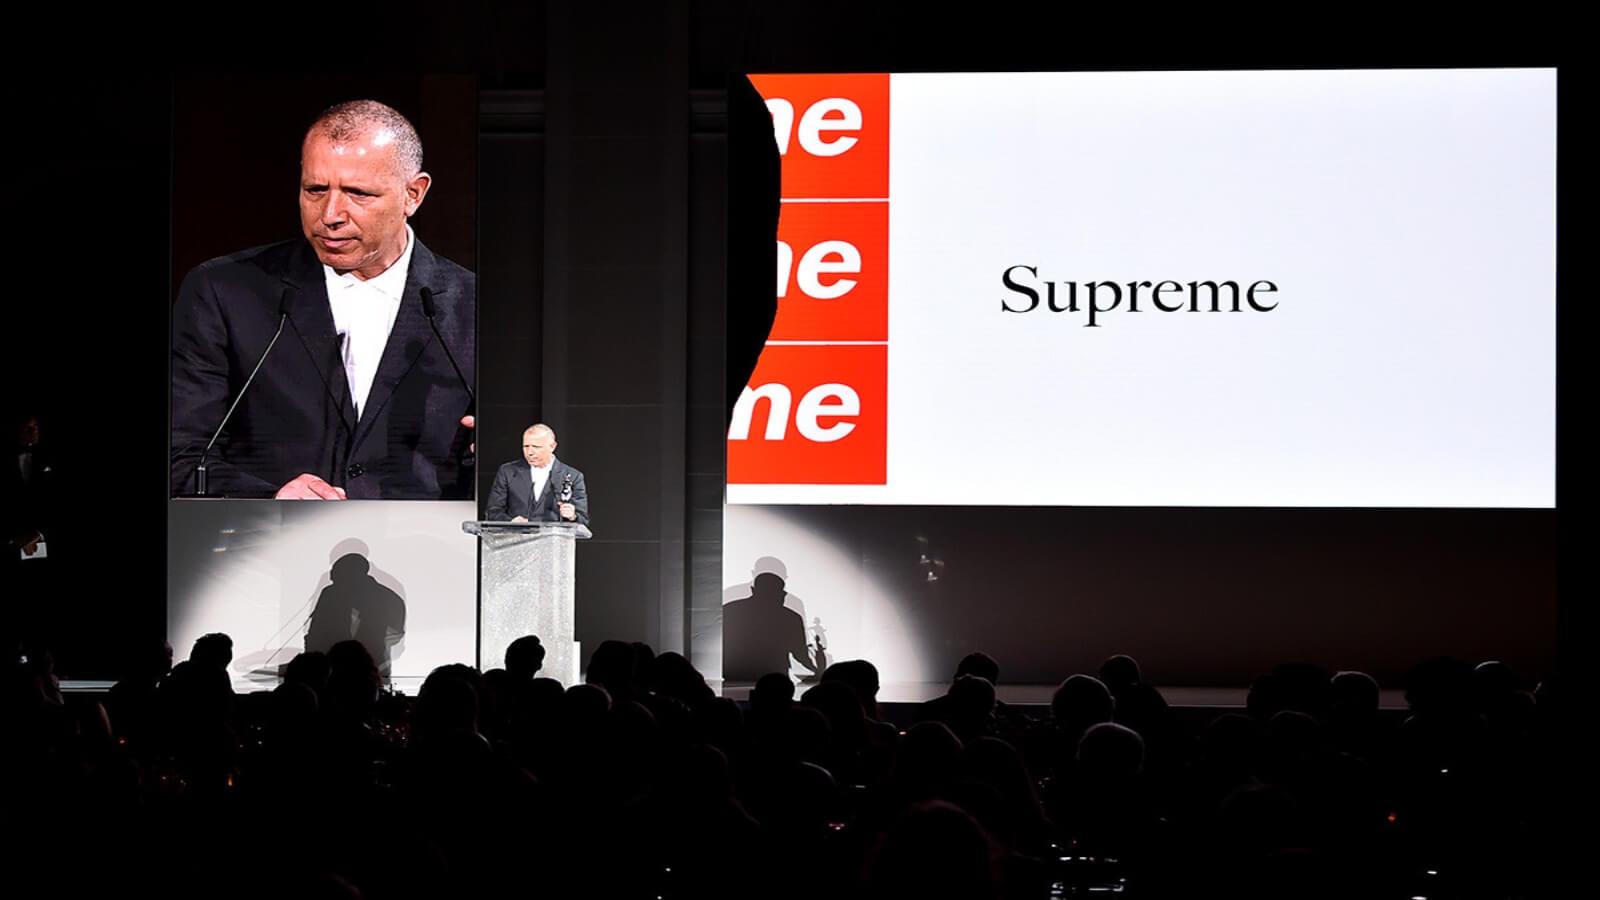 Otorgan premio de moda a diseñador de Supreme